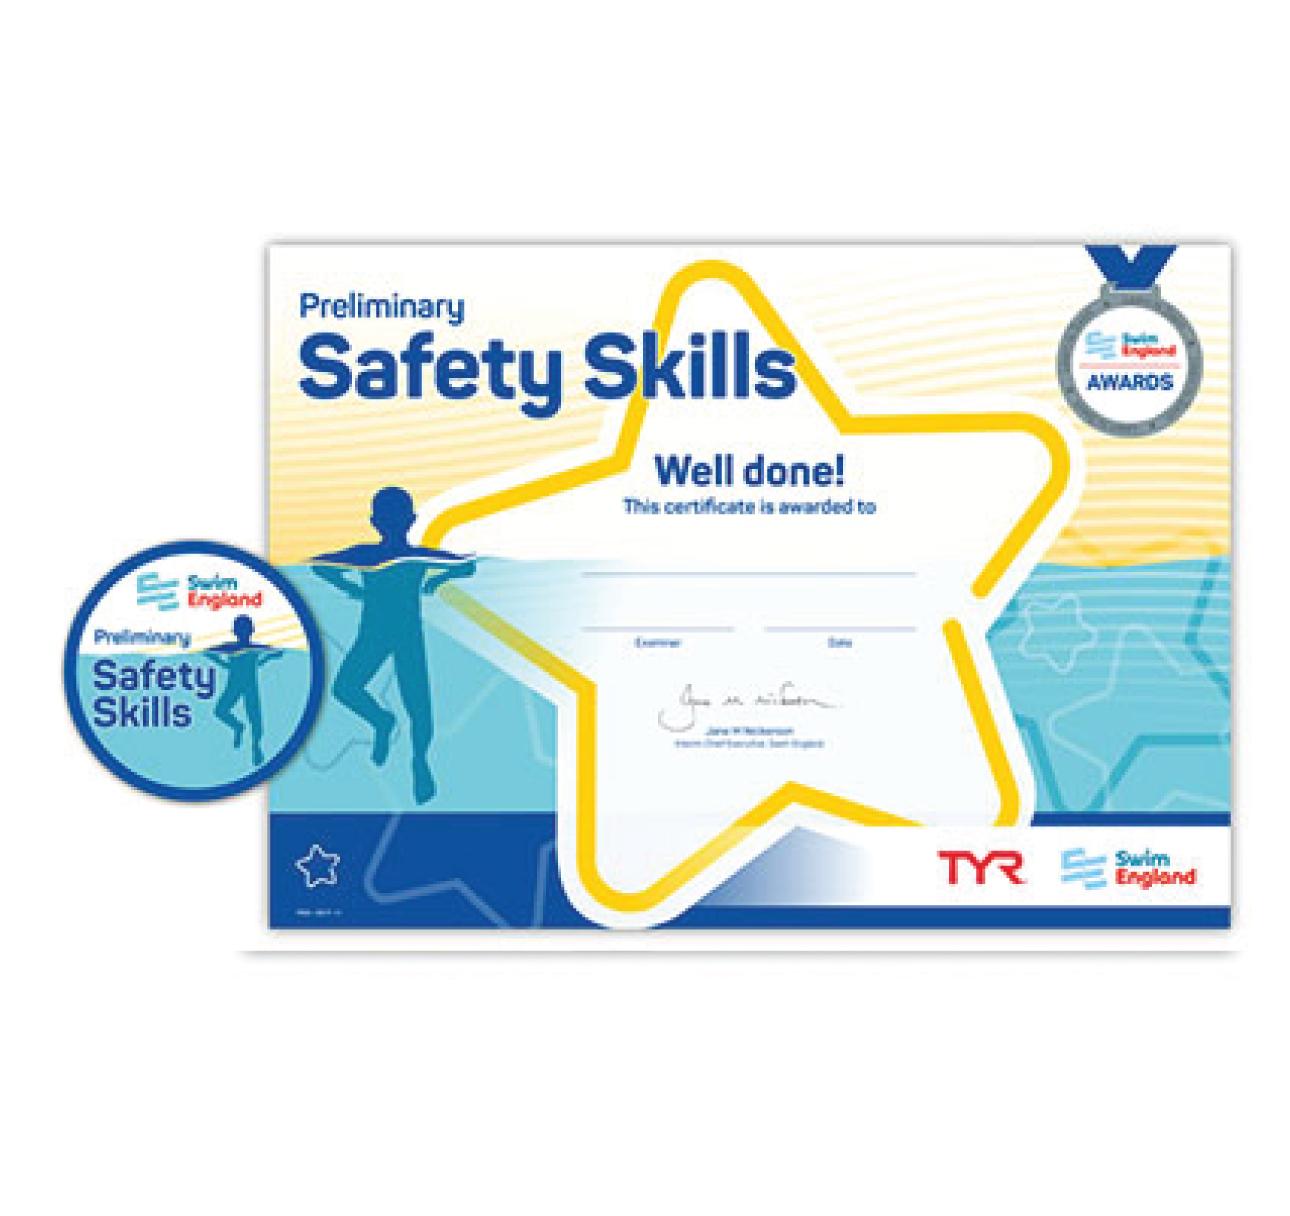 Preliminary Safety Skills